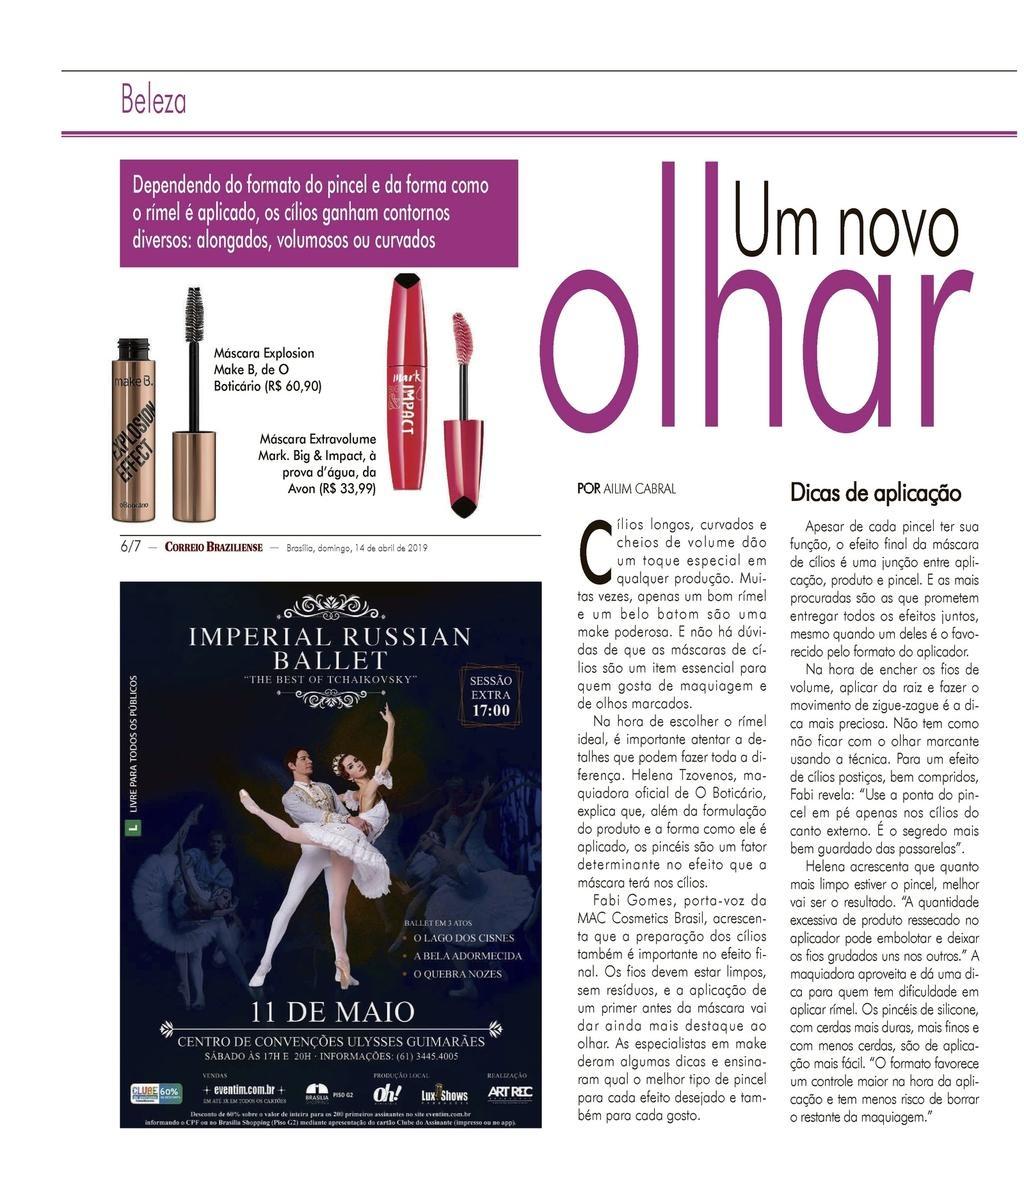 Rebista do Correio pg 6 Beleza O Boticário